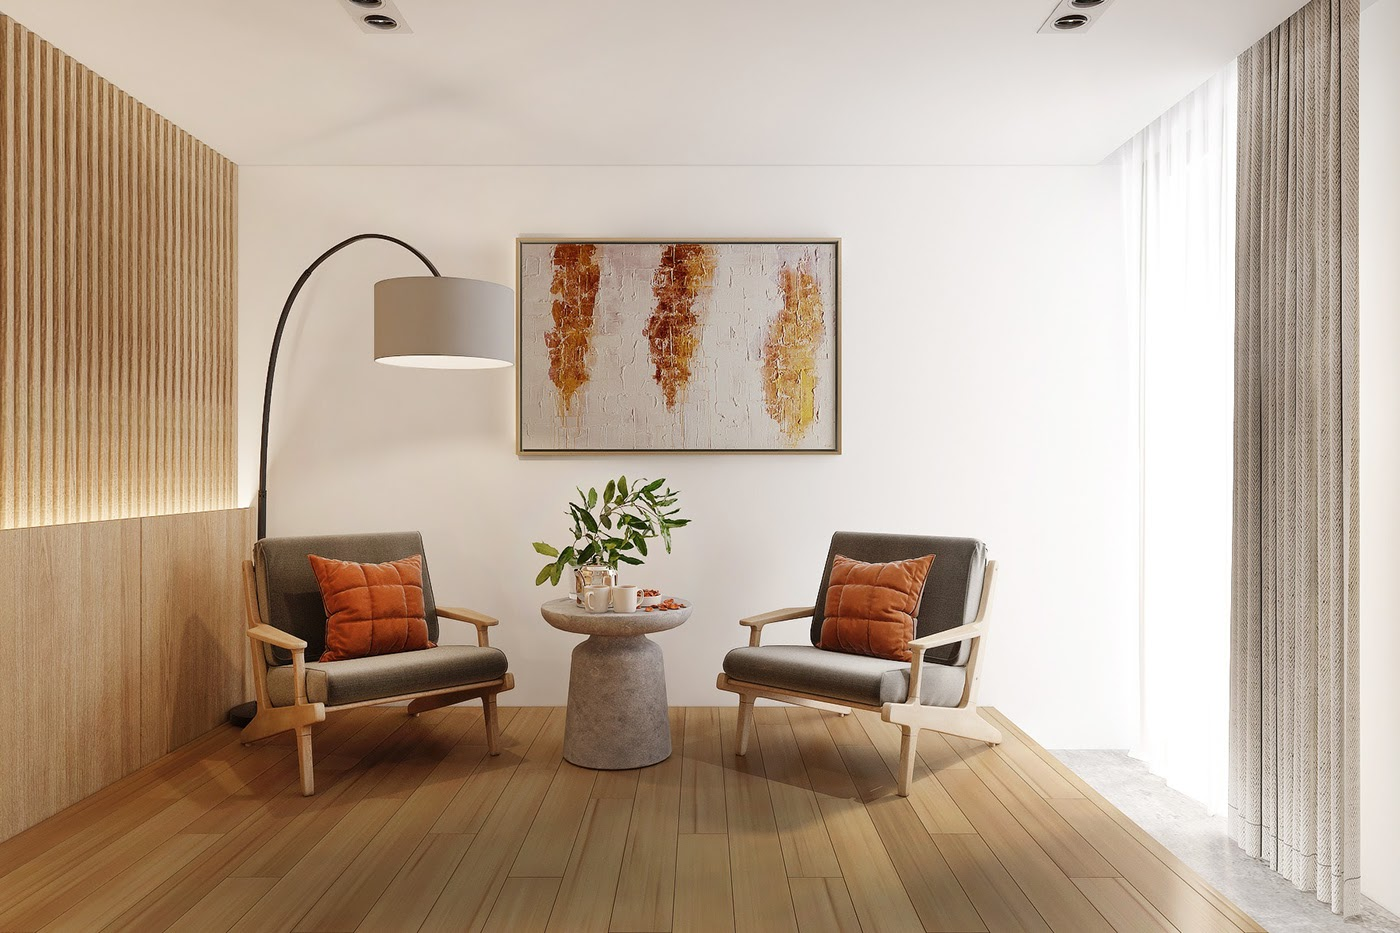 Phòng khách chung cư Nhật Bản với 2 chiếc ghế đơn giản